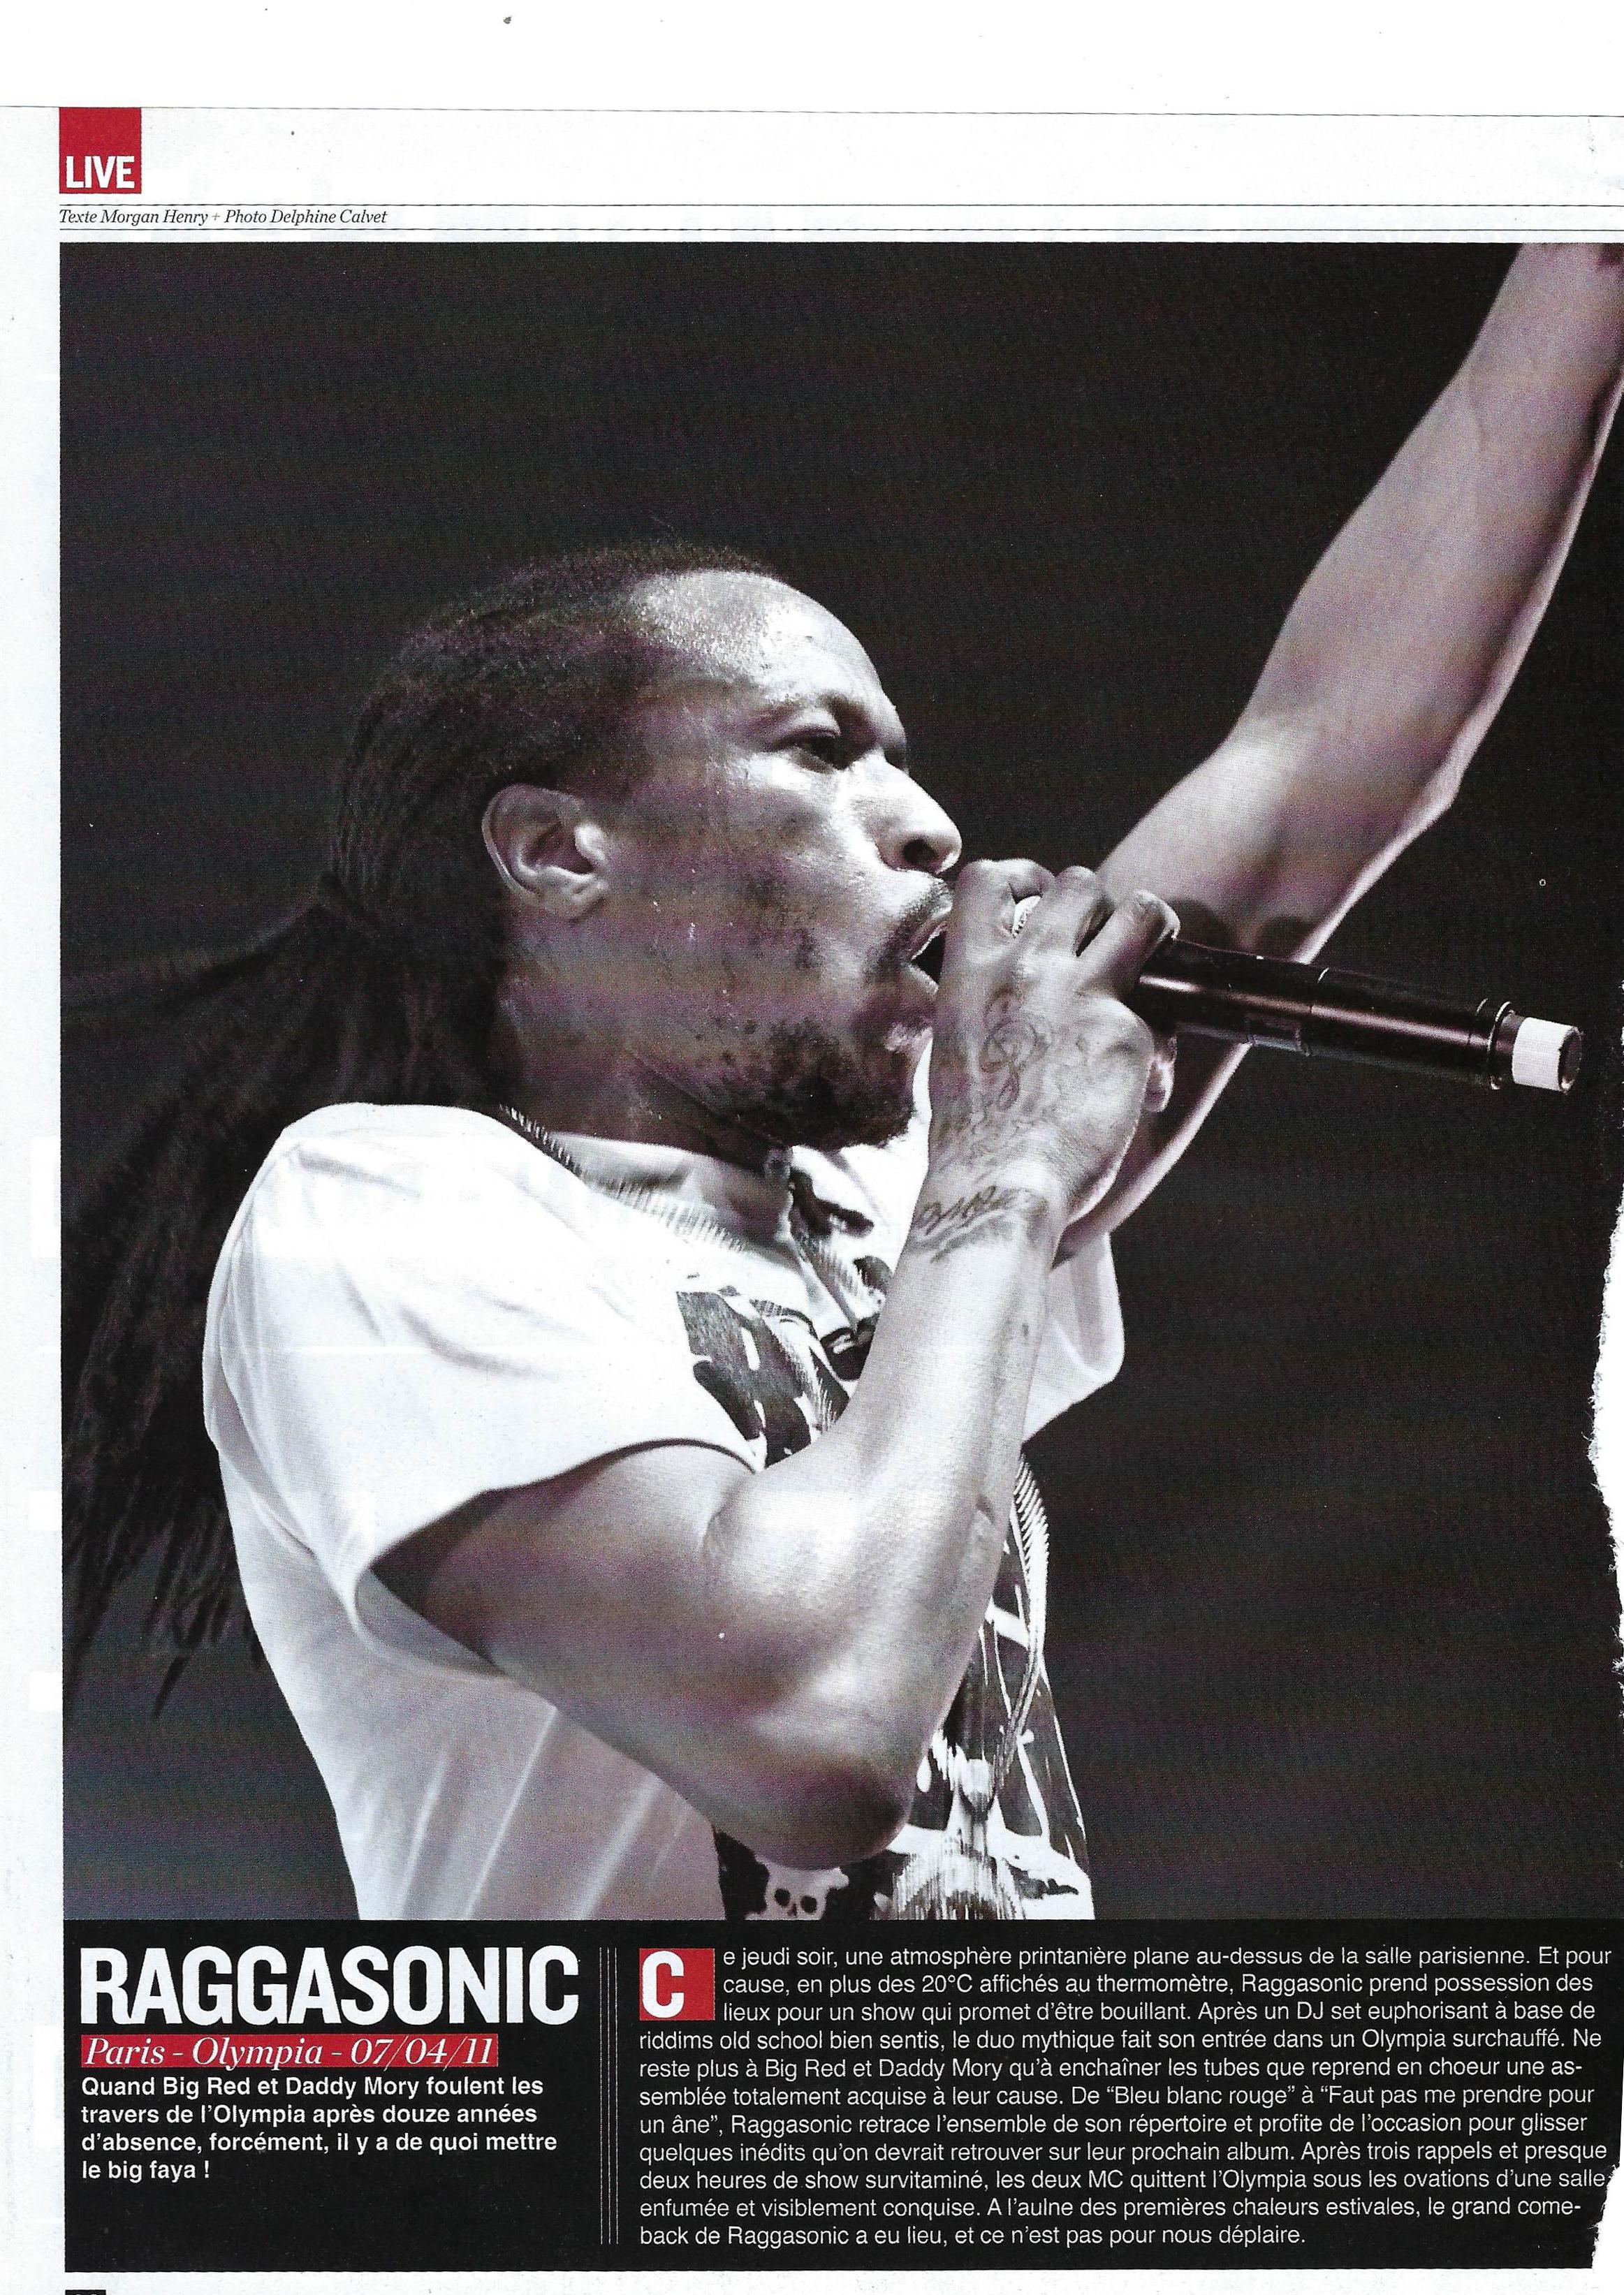 Raggasonic (Rap Mag)